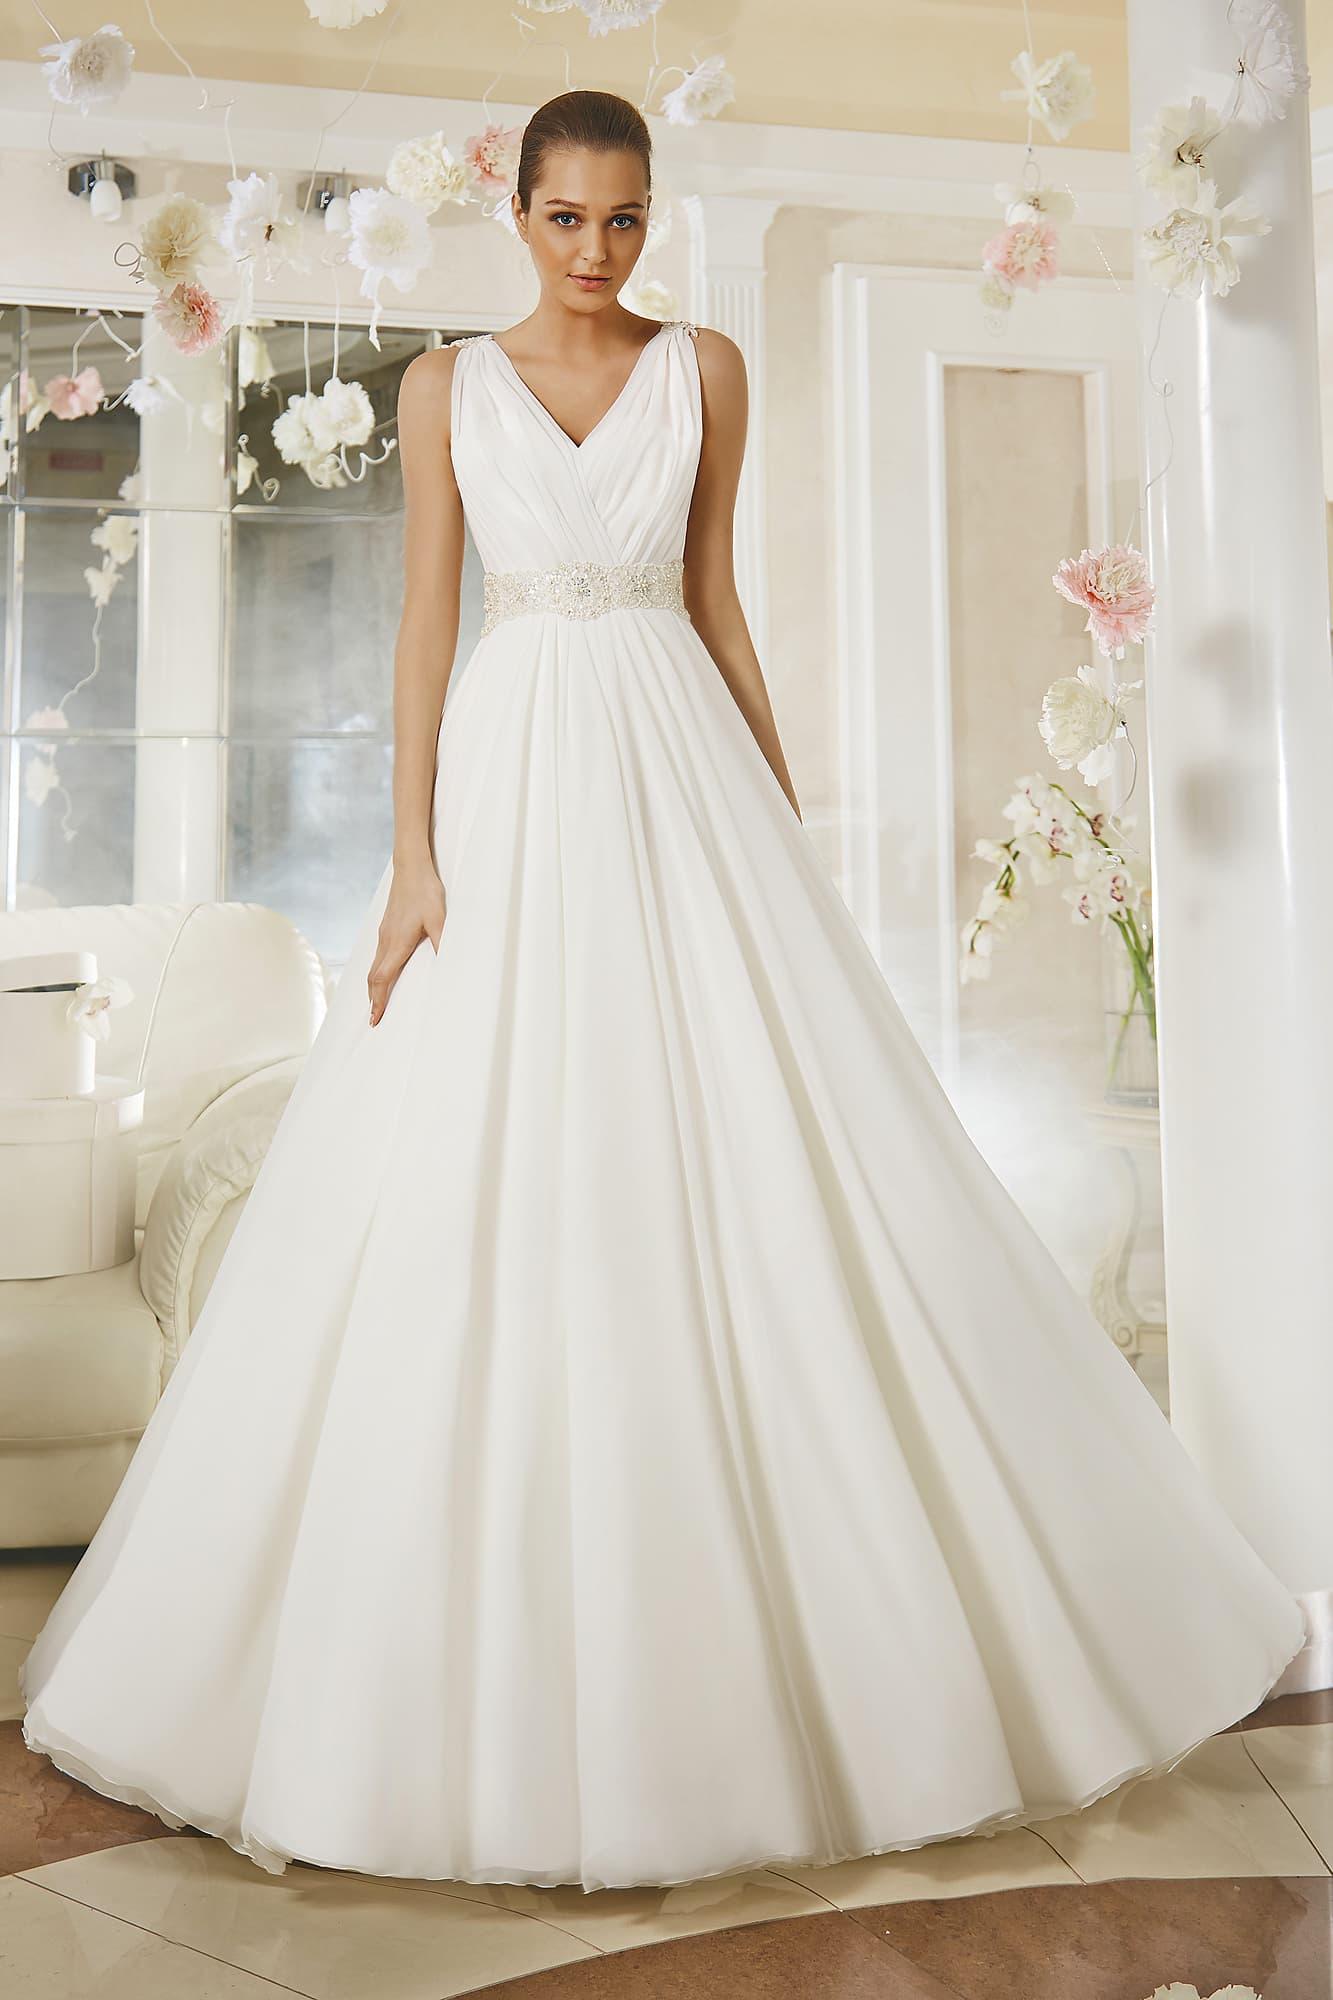 f5933b5b4a7 Свадебное платье «принцесса» с V-образным вырезом декольте и открытой  спинкой.